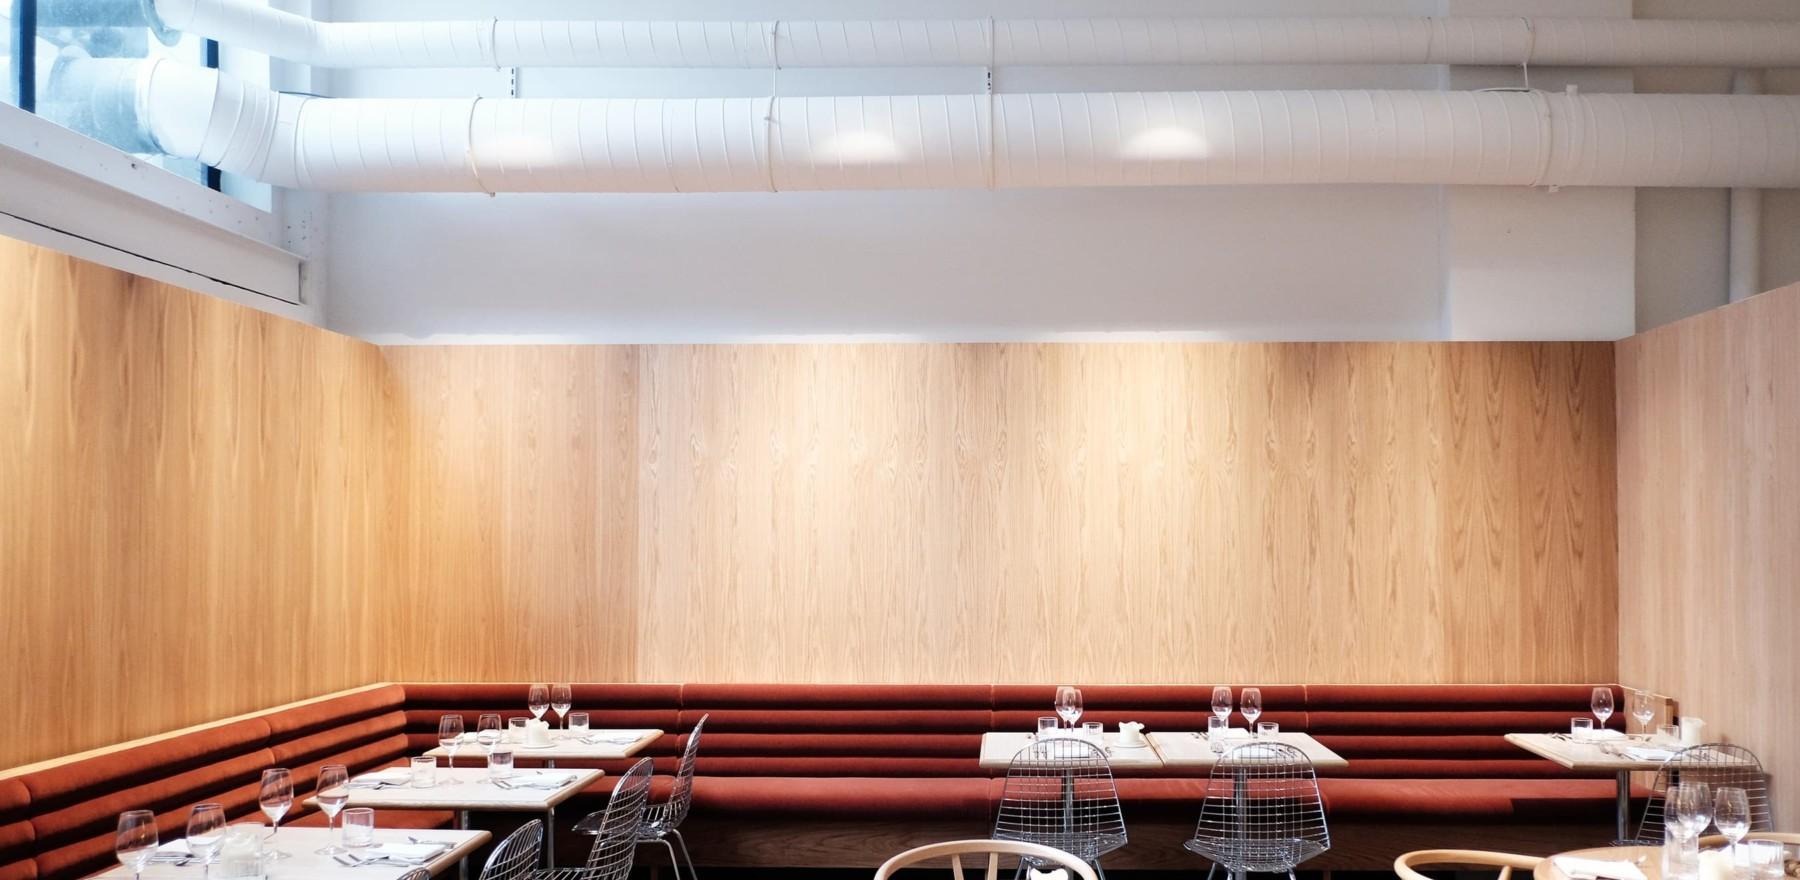 Héroine restaurant & bar opent haar deuren in Het Industriegebouw